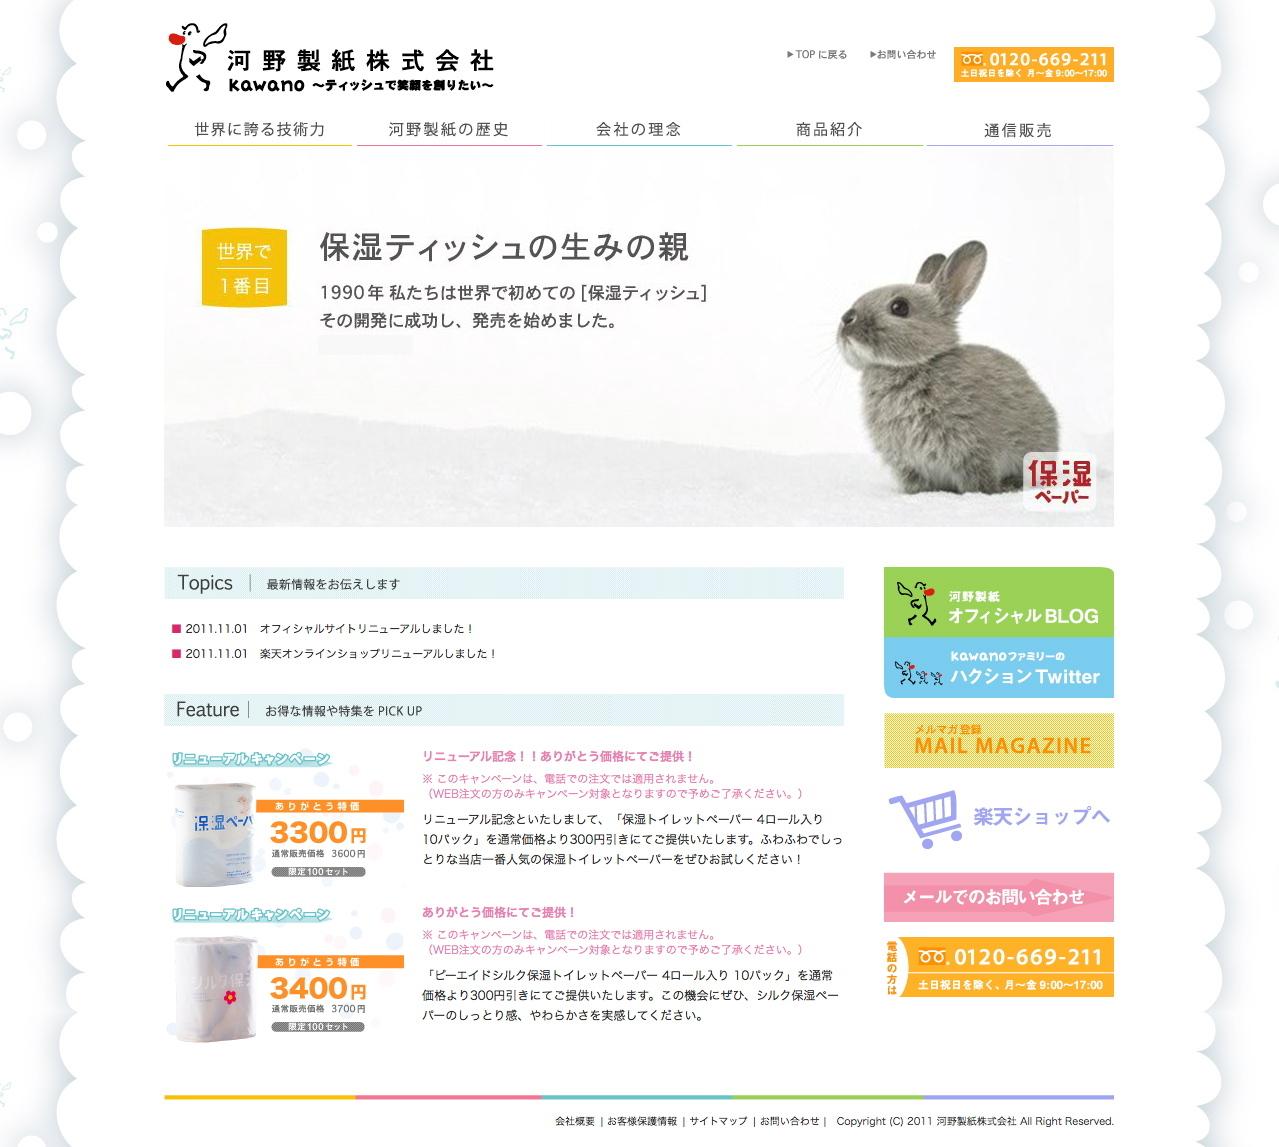 河野製紙株式会社のプレスリリース画像1